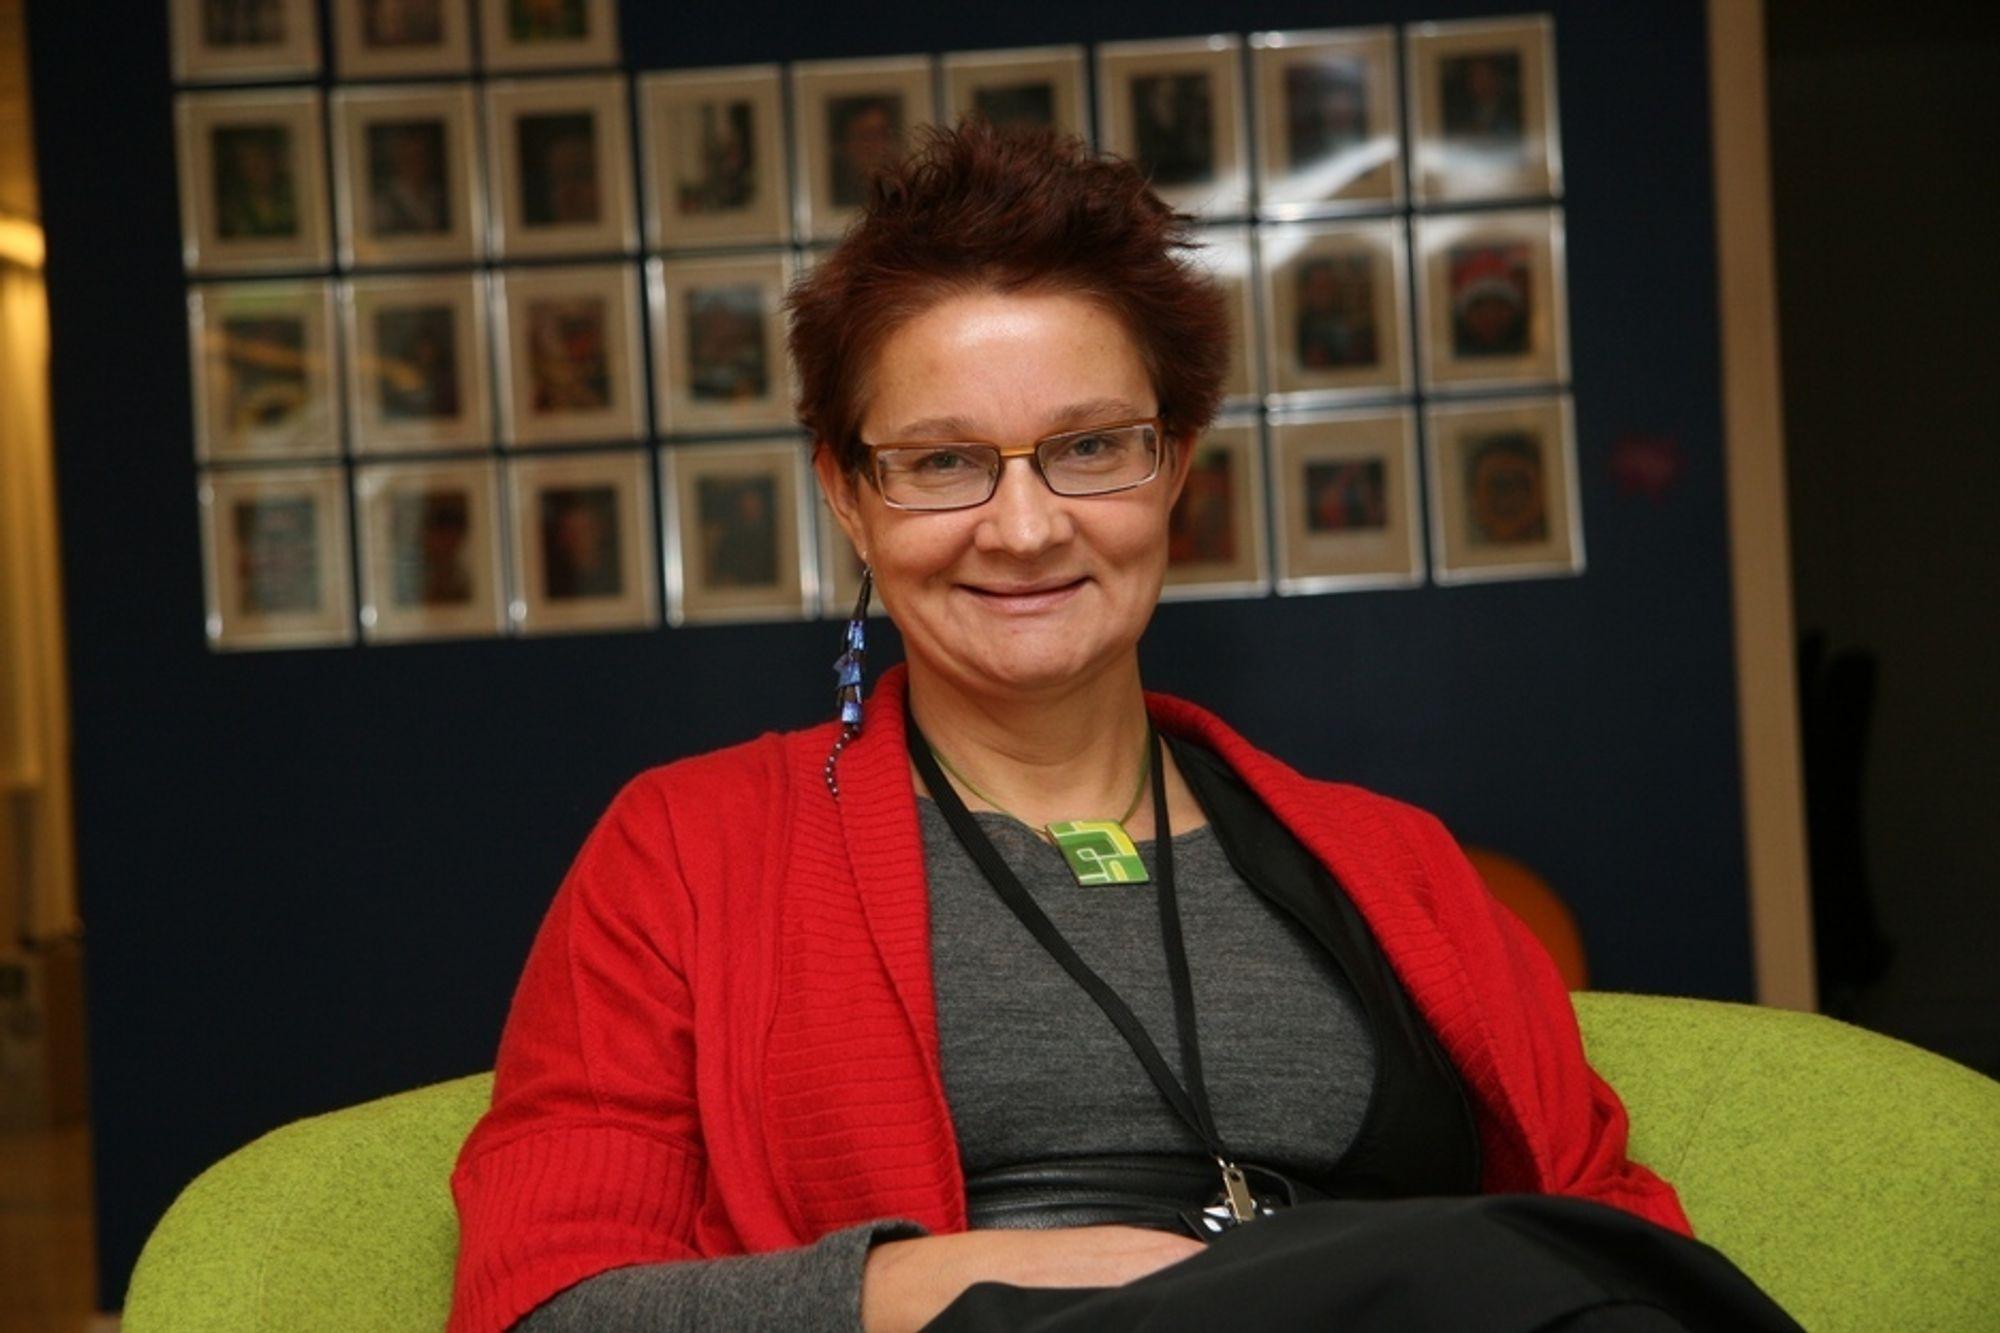 POPULÆR SJEF: Omtenksom og inkluderende, er ord som tidligere kolleger bruker om Hanne Rønneberg. Diskrete forespørsler fra TU viser at hun er ønsket i Sintef og savnet i Skanska.